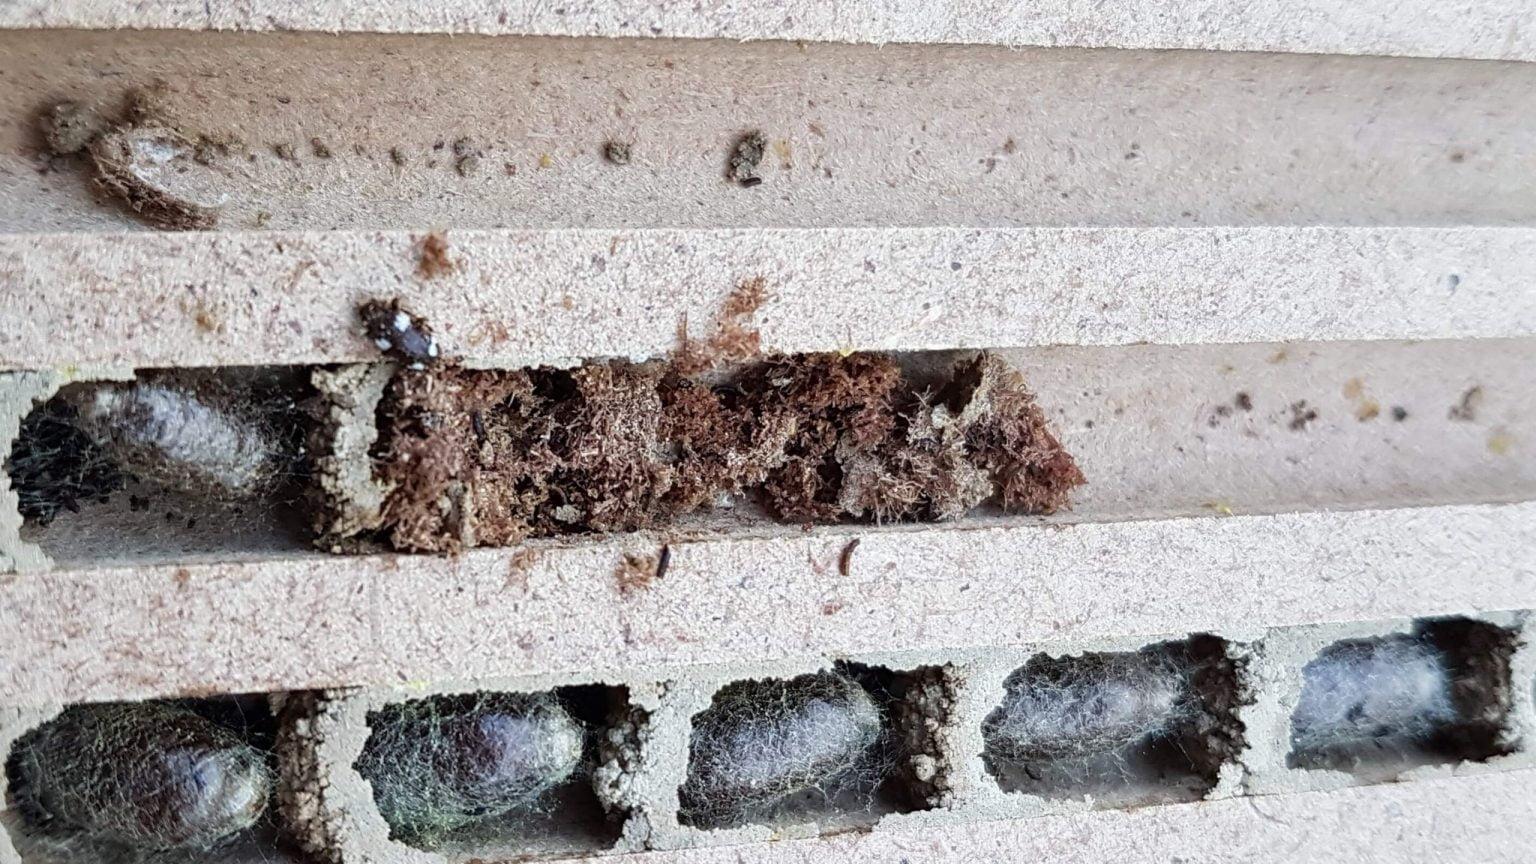 Nistbrett mit Kokons der Rostroten Mauerbiene (Osmia bicornis) und Kugelkäfer